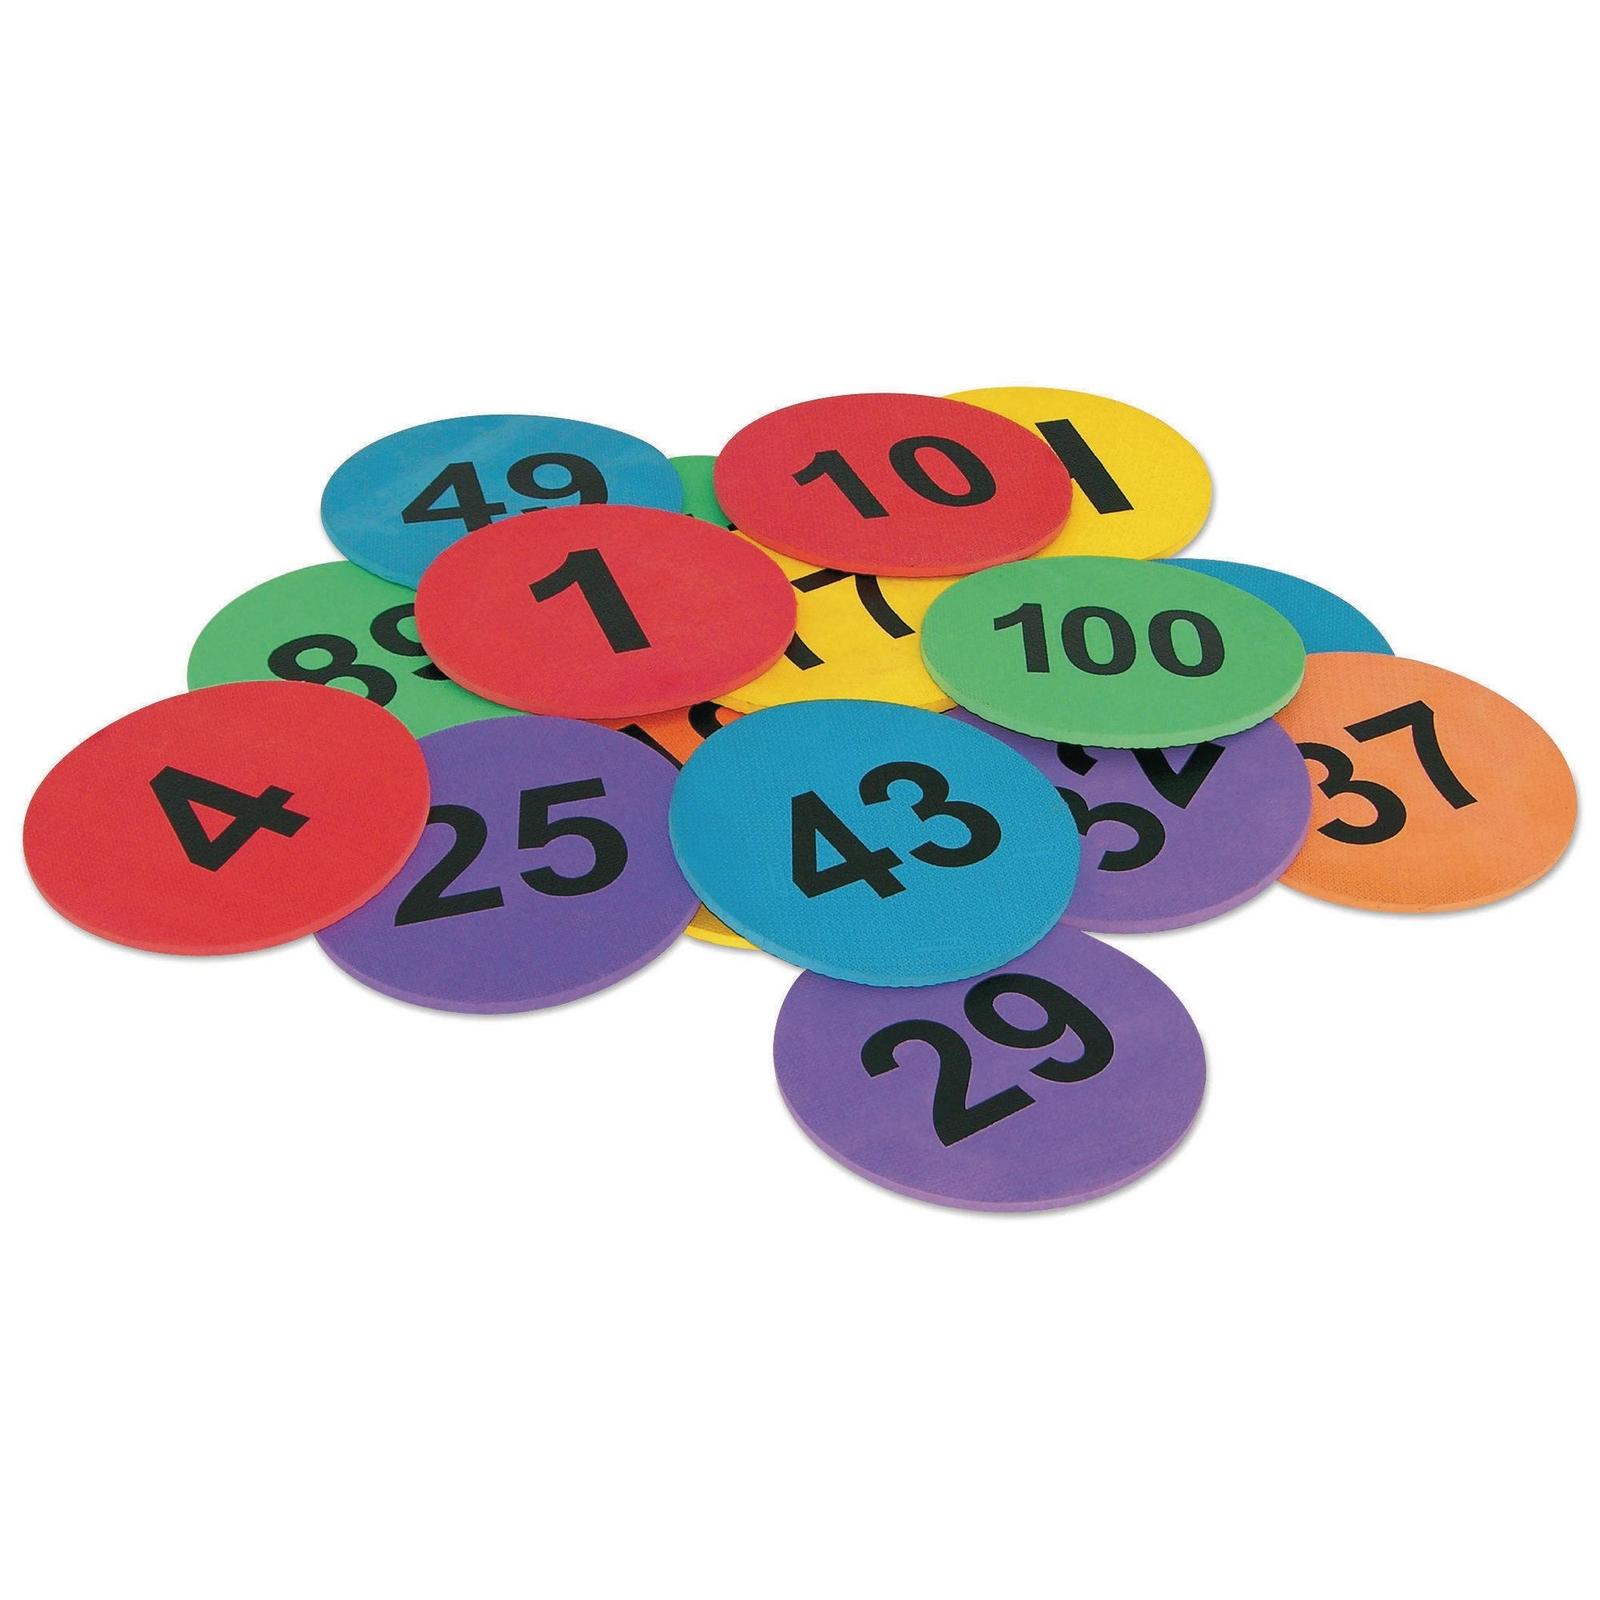 Vinex Number Spots - 1-100